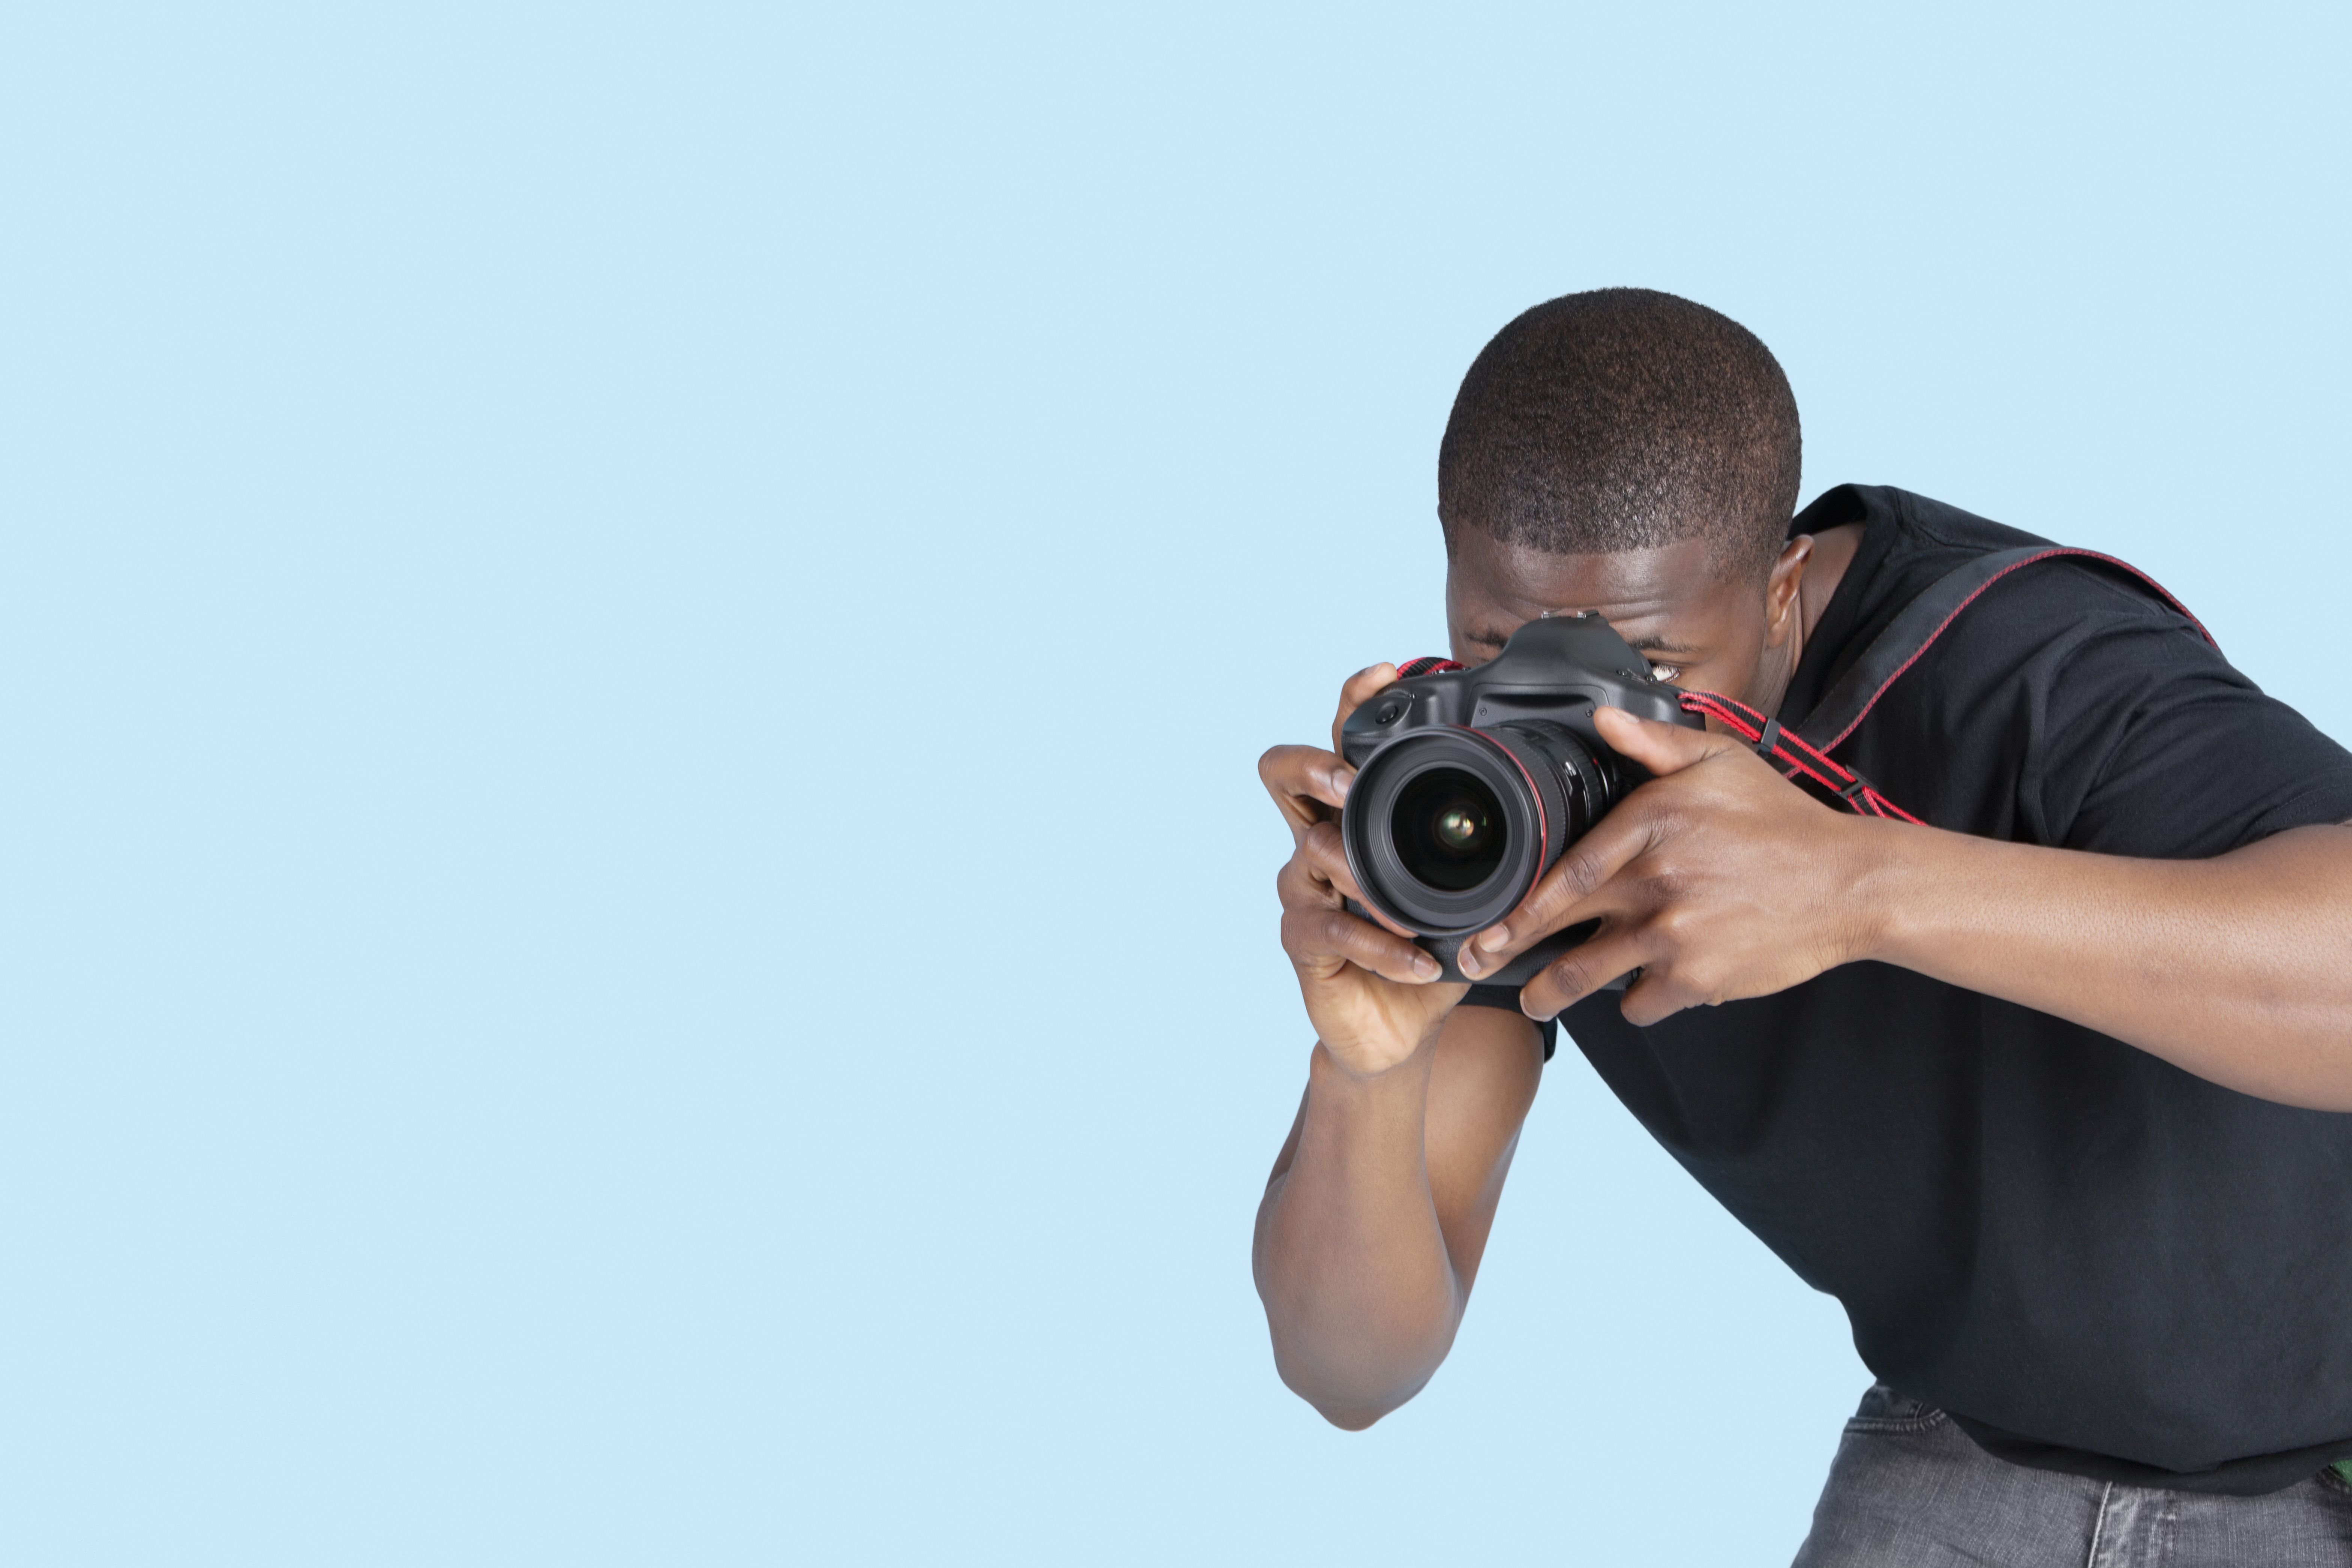 Comment réussir une photo ? 5 astuces pour sublimer vos clichés